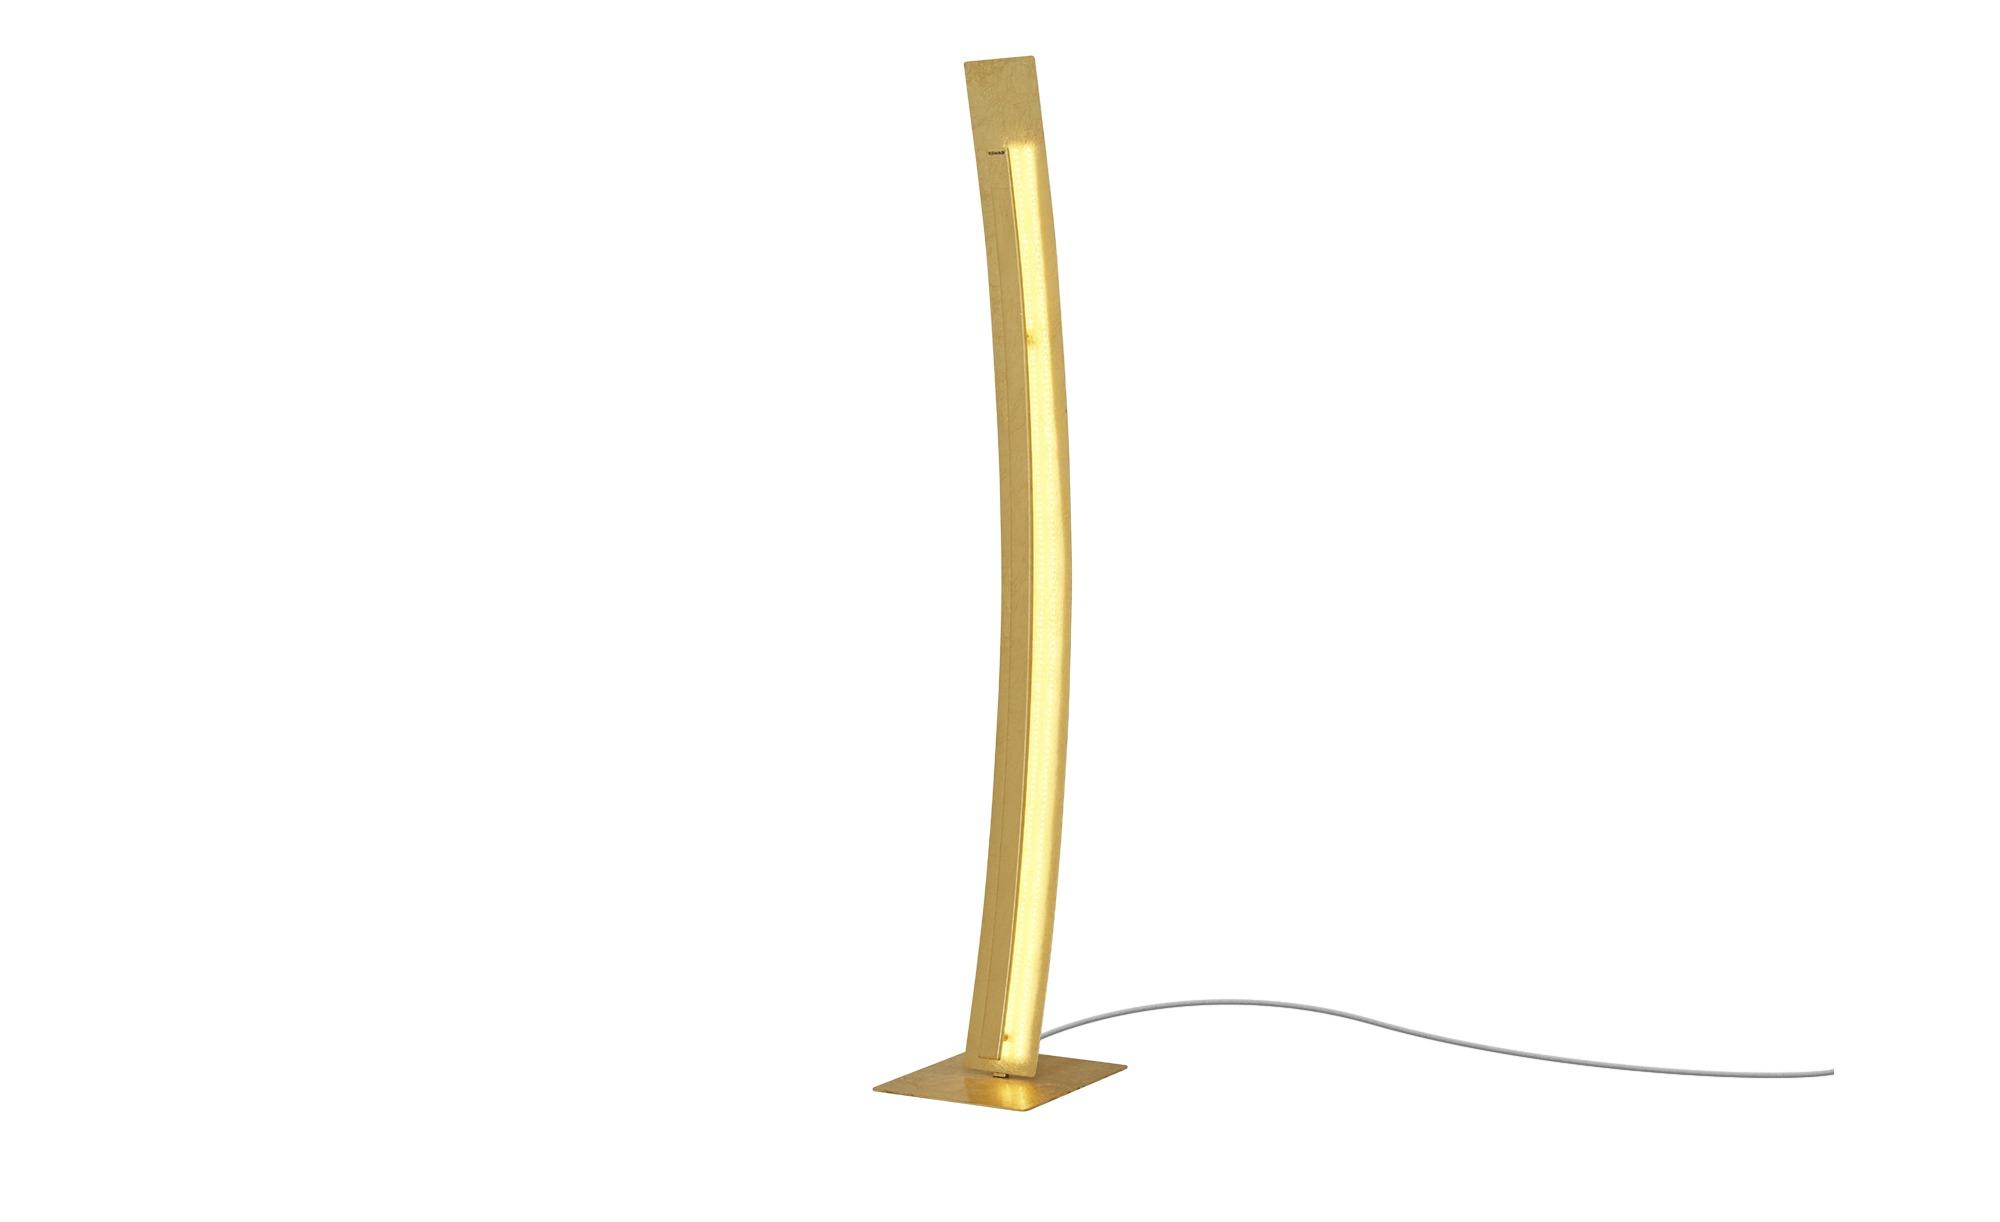 Paul Neuhaus LED-Stehleuchte, blattgoldfarben ¦ gold ¦ Maße (cm): B: 26 H: 140 Lampen & Leuchten > Innenleuchten > Stehlampen - Höffner